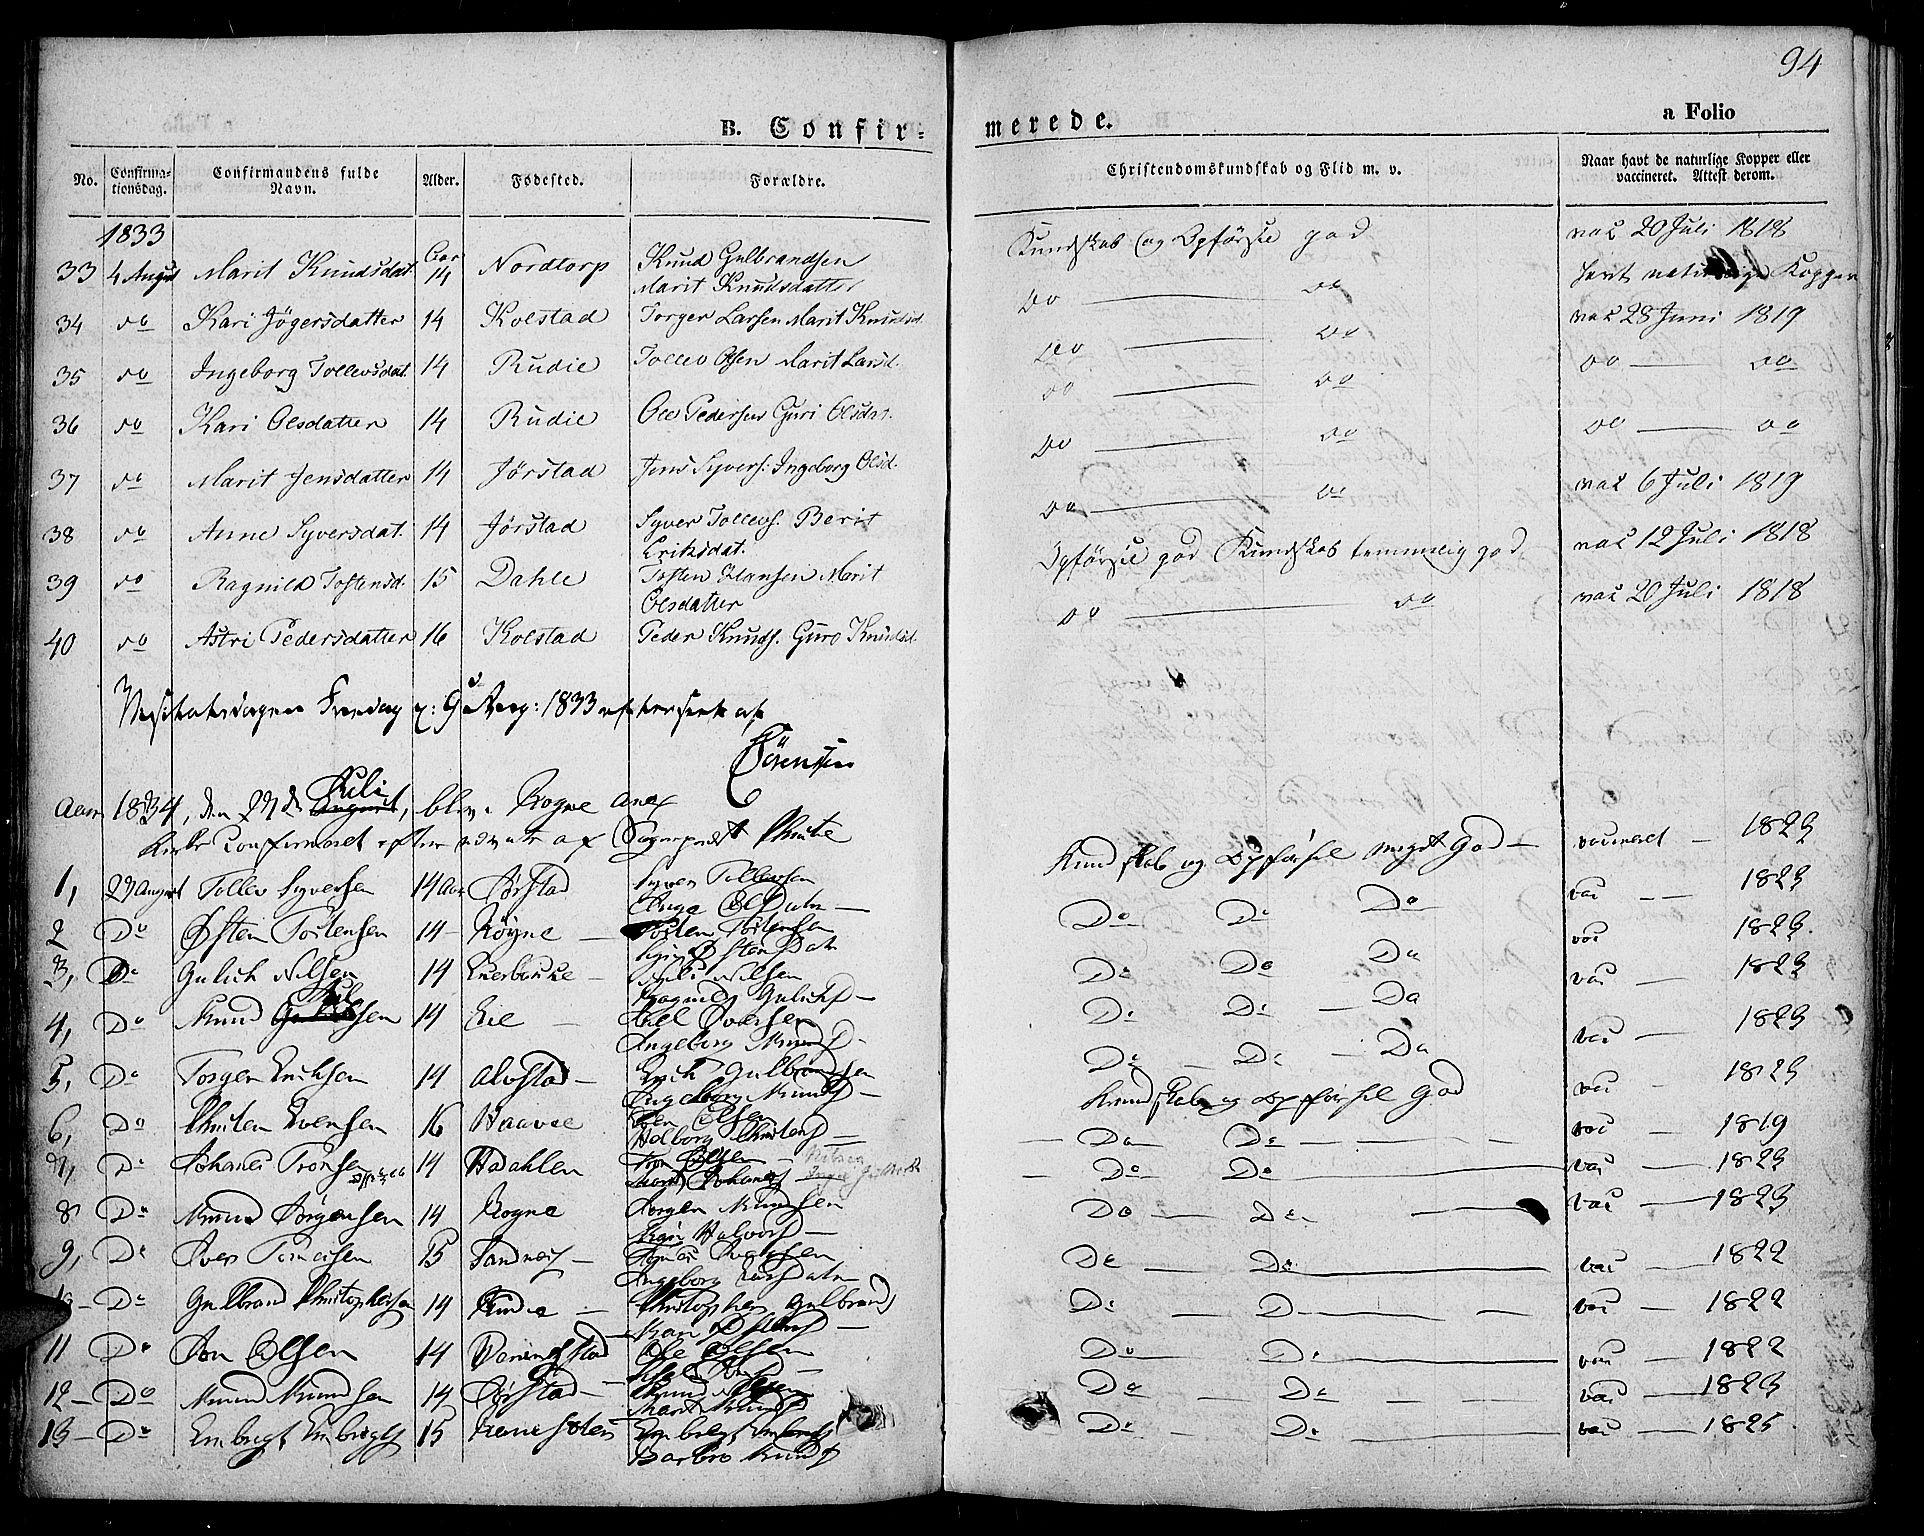 SAH, Slidre prestekontor, Ministerialbok nr. 4, 1831-1848, s. 94